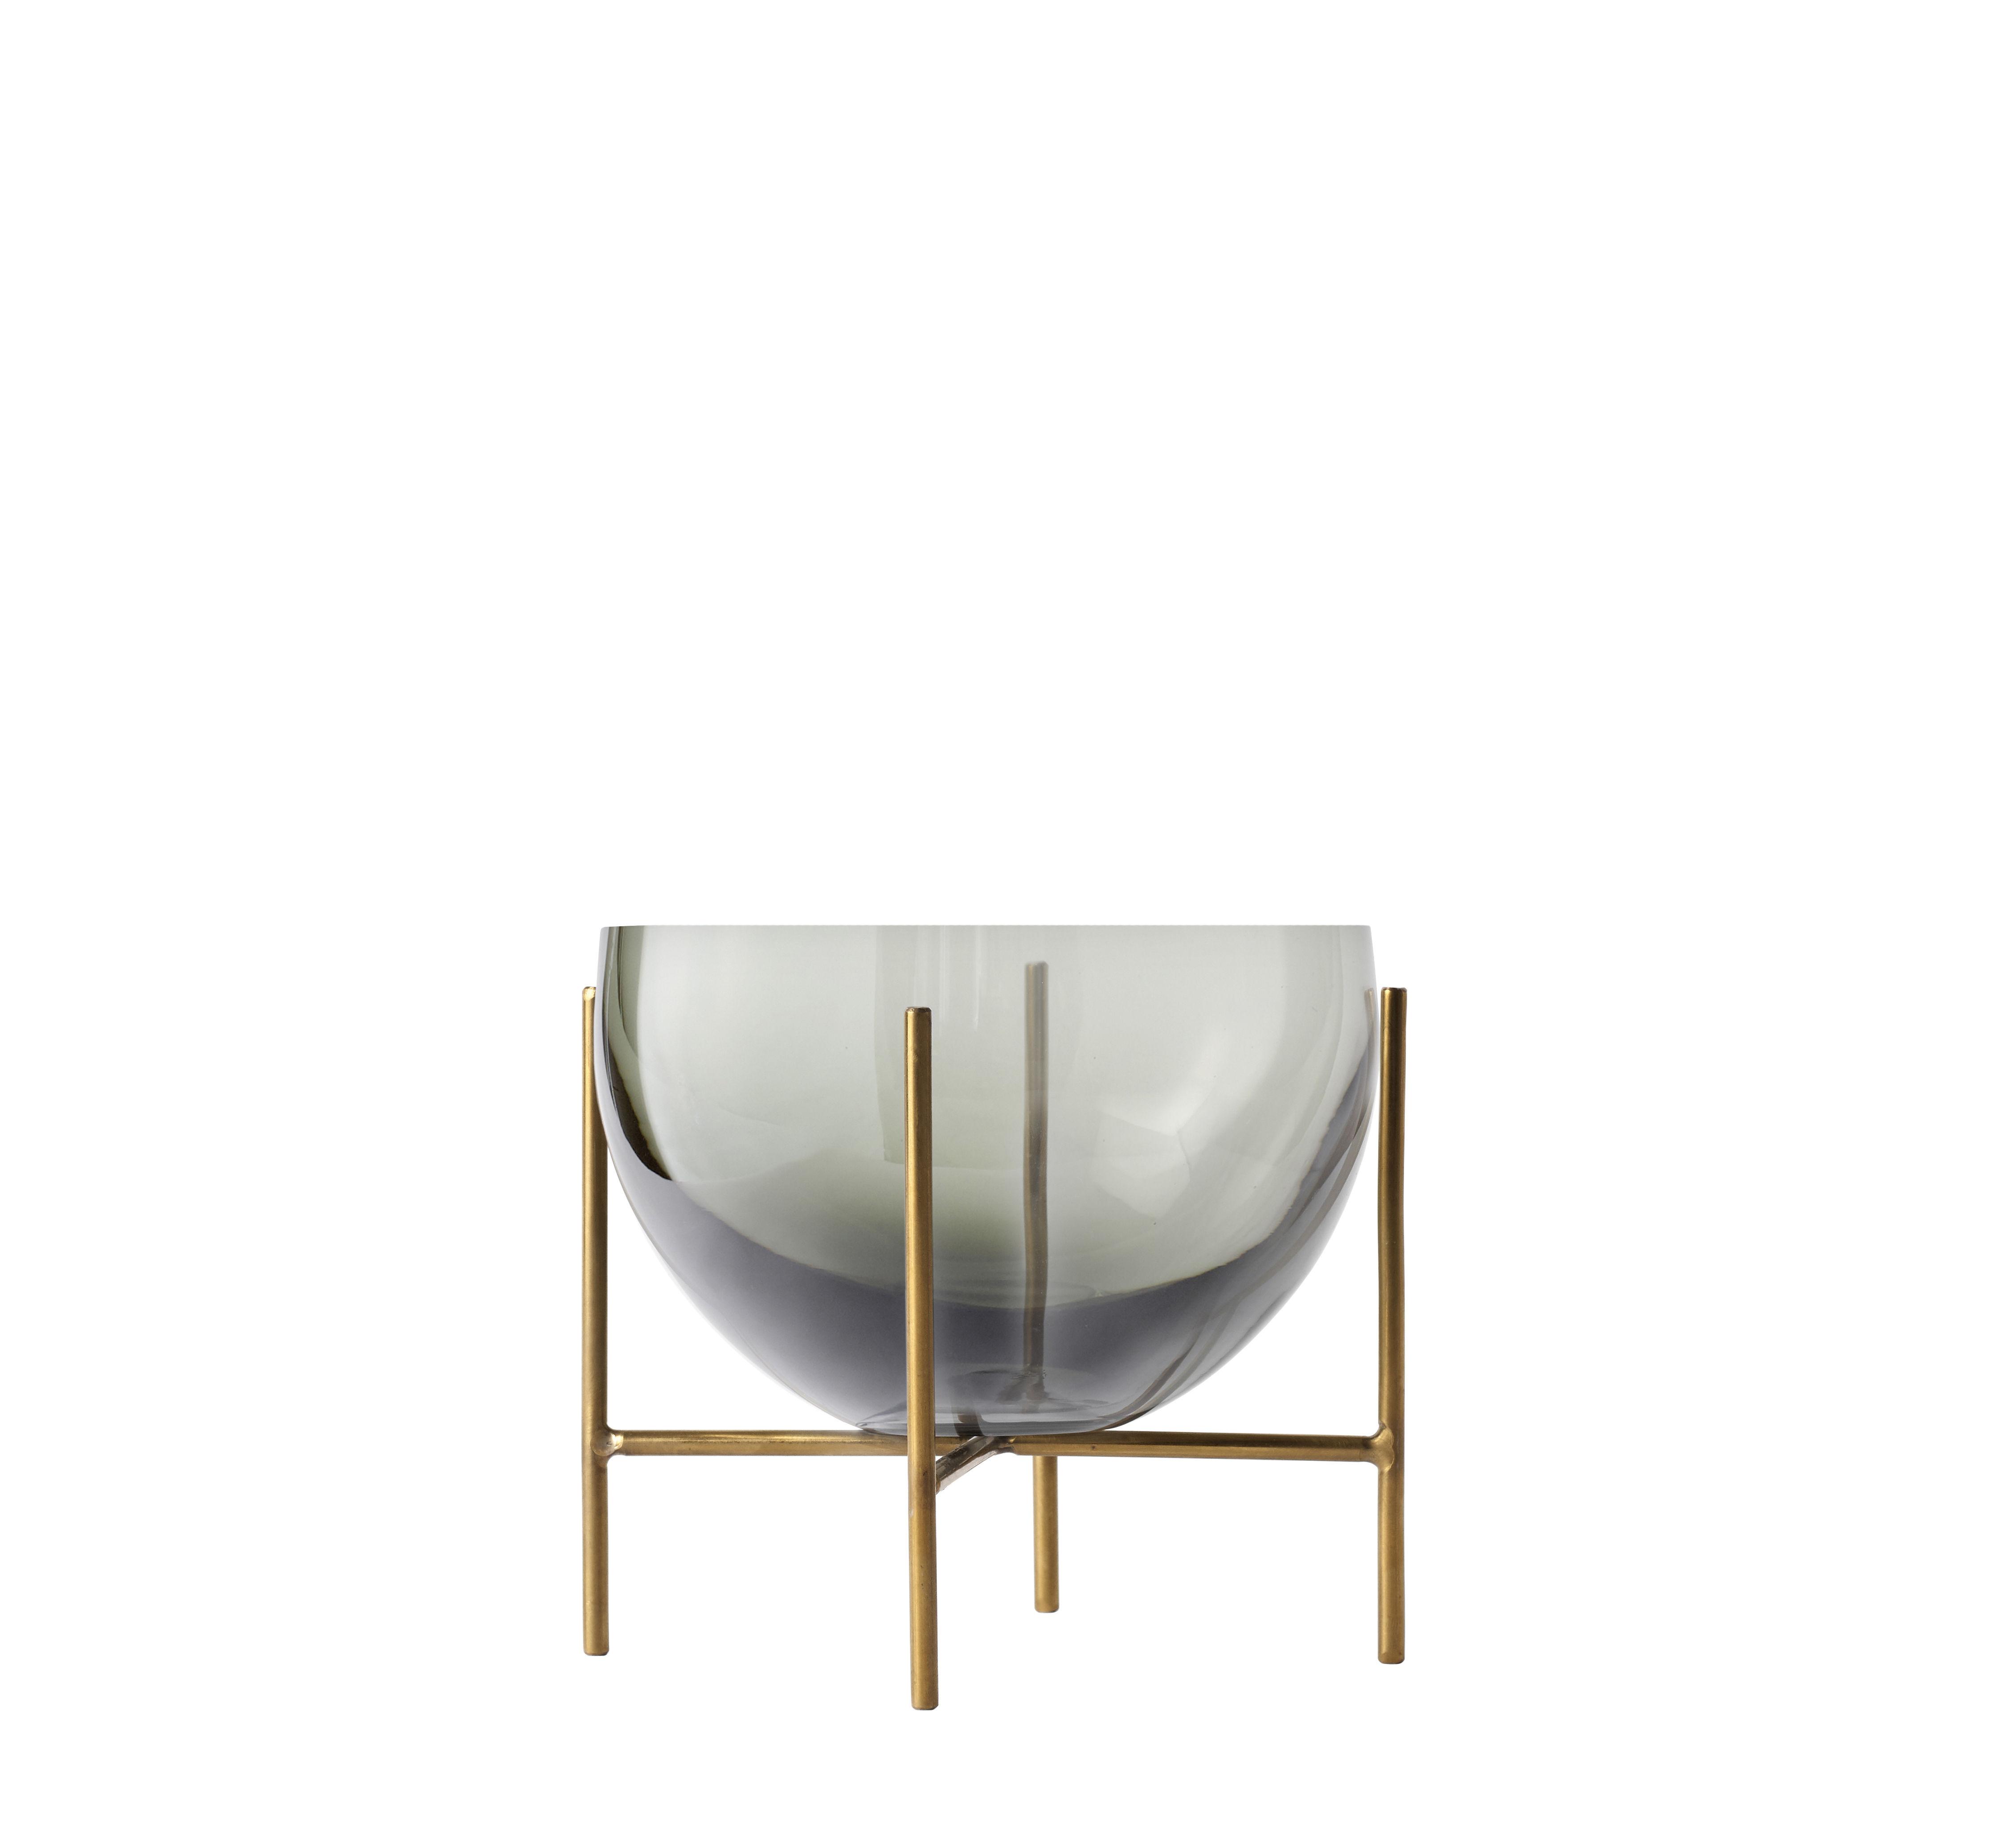 Tischkultur - Salatschüsseln und Schalen - Echasse Small Schale / Ø 13 cm x H 14 cm - Menu - Rauchglas & Messing - Glas, Laiton massif